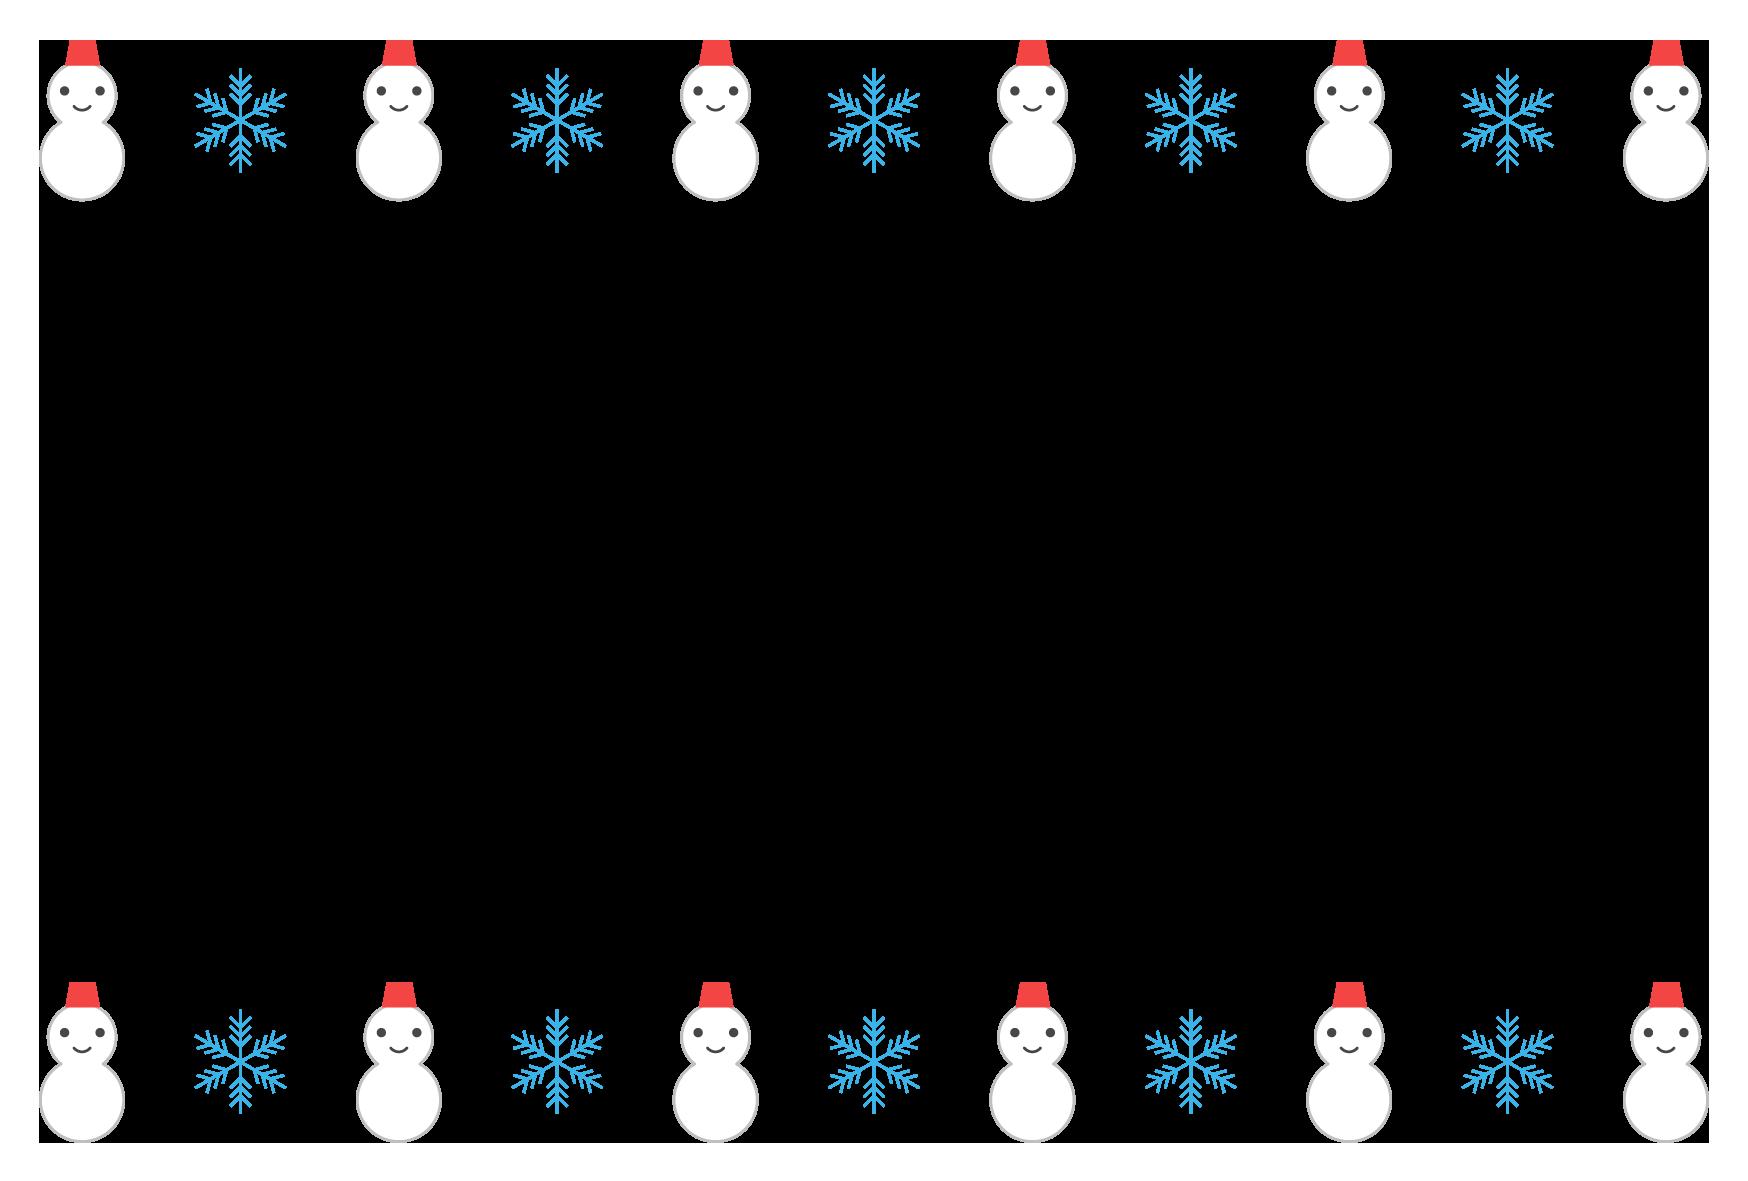 冬雪だるまのシンプル枠イラスト 横 無料 イラストk